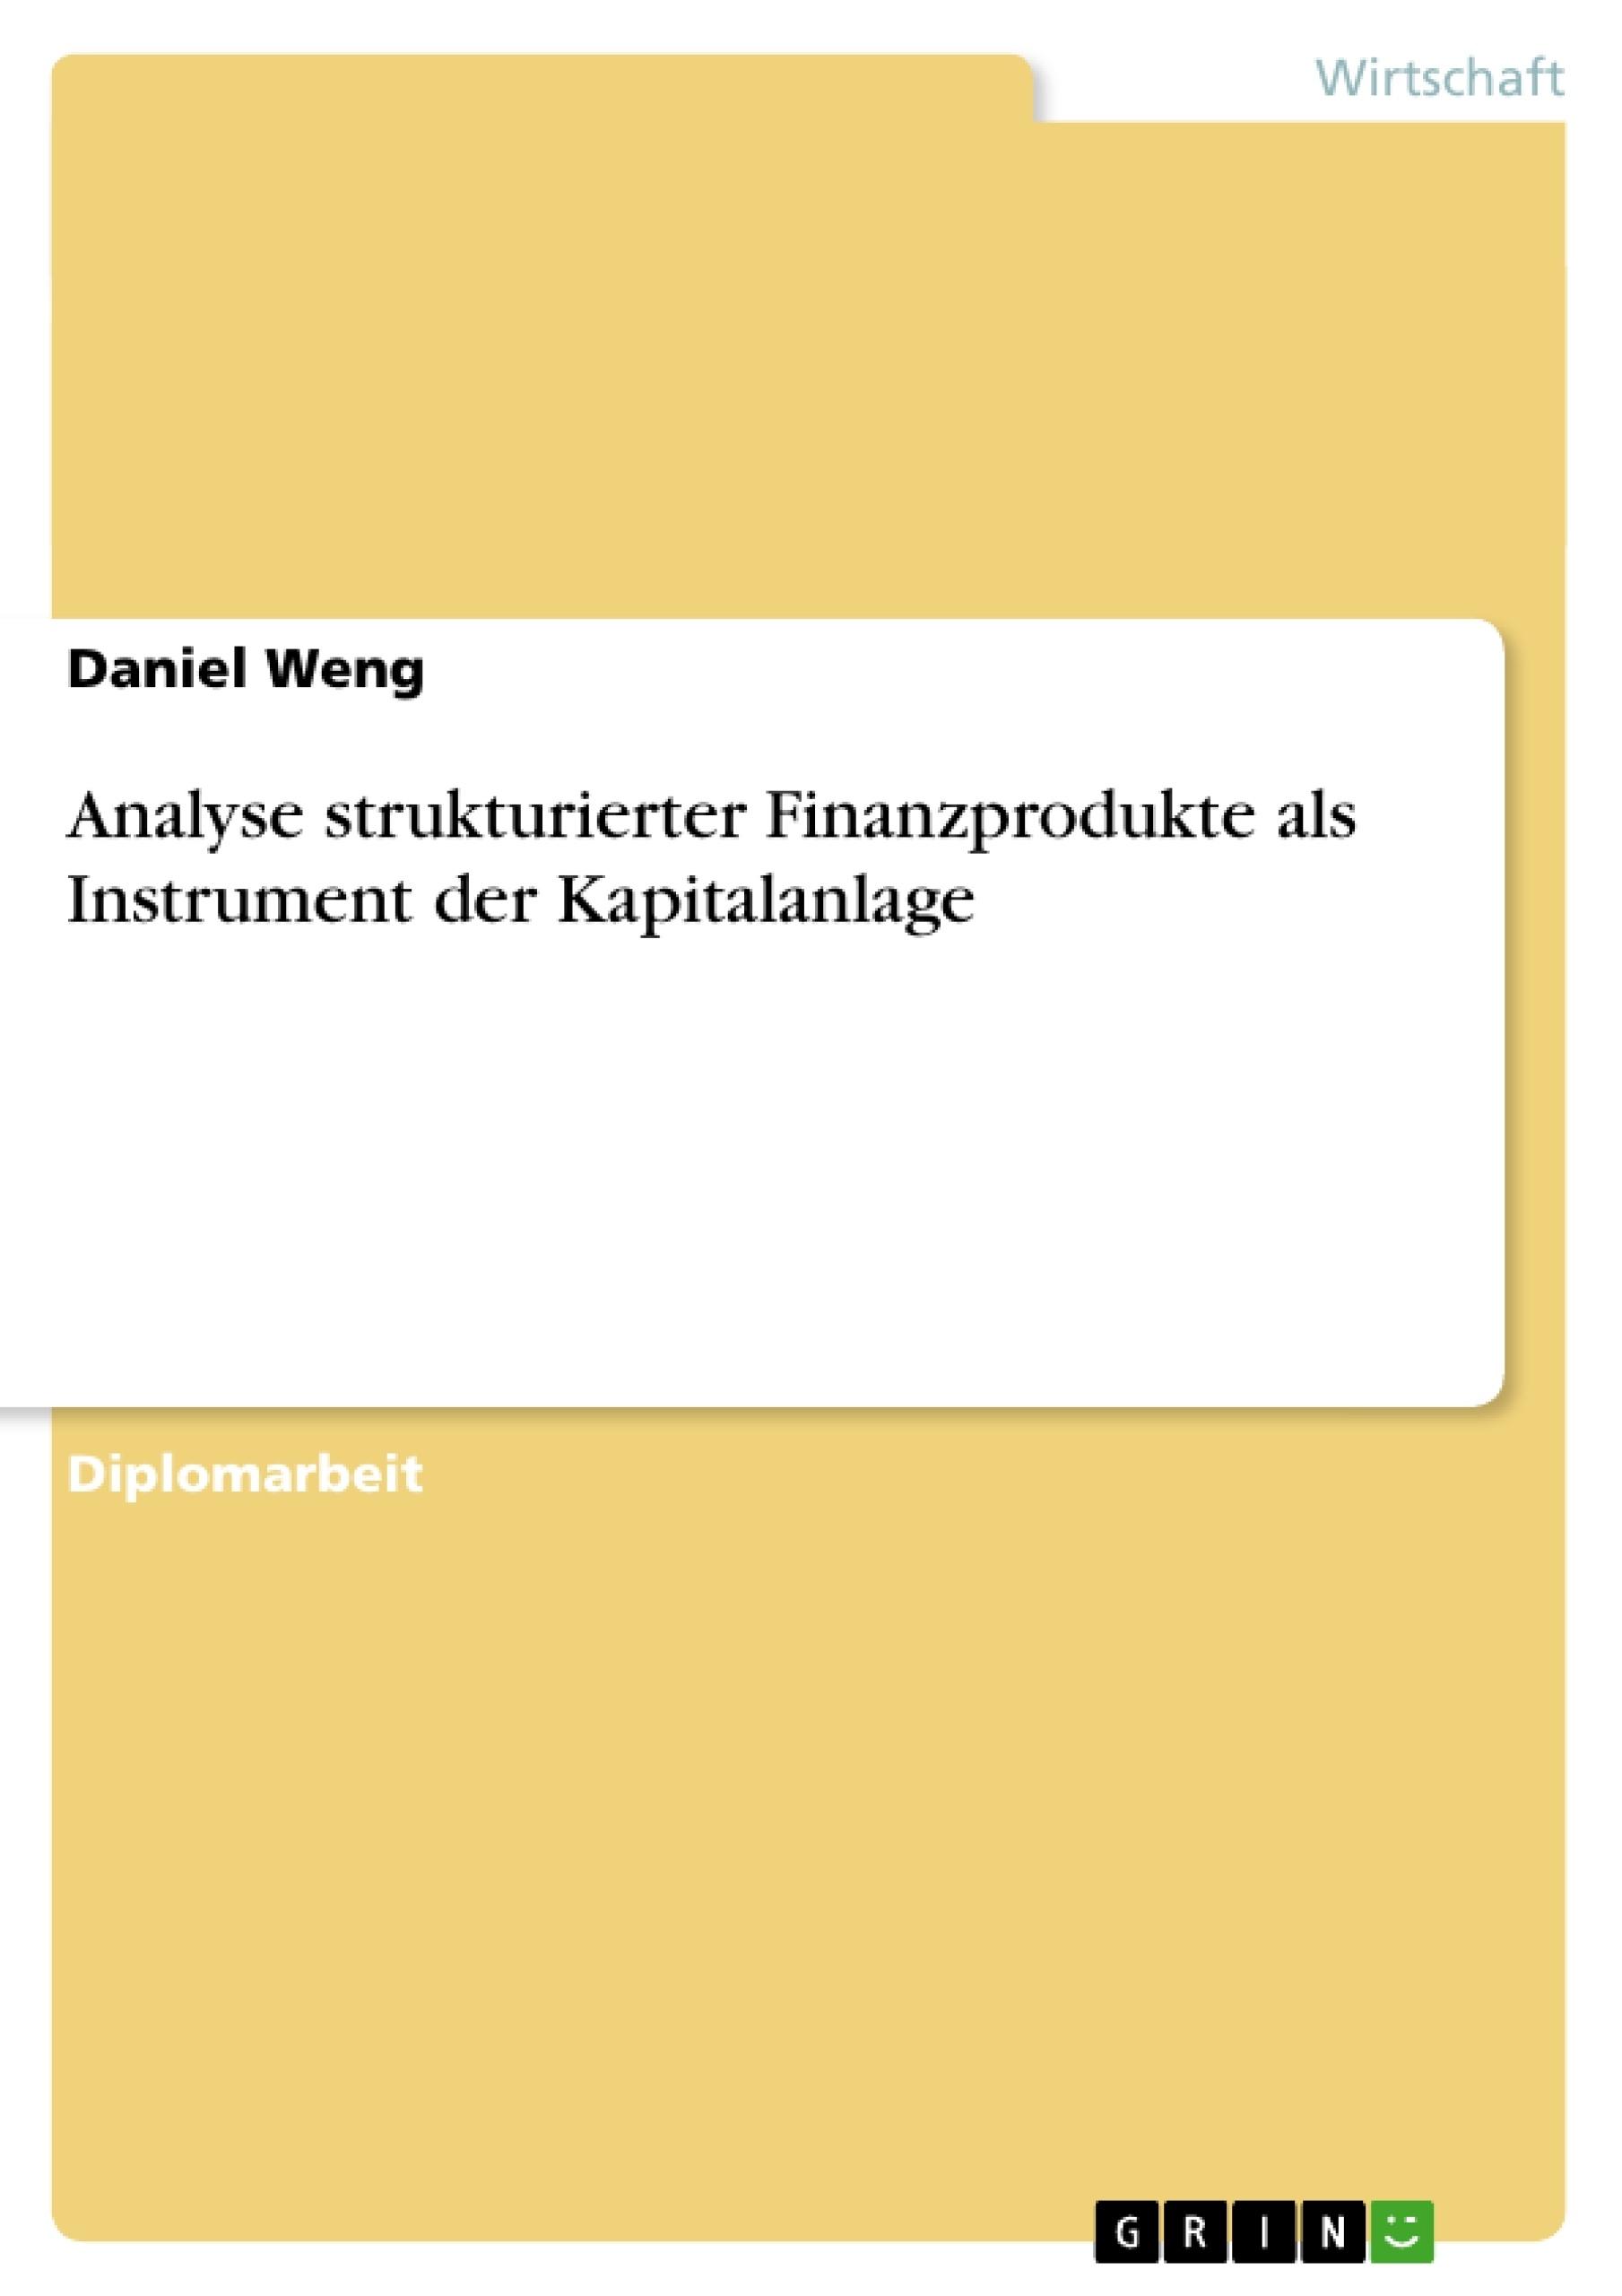 Titel: Analyse strukturierter Finanzprodukte als Instrument der Kapitalanlage